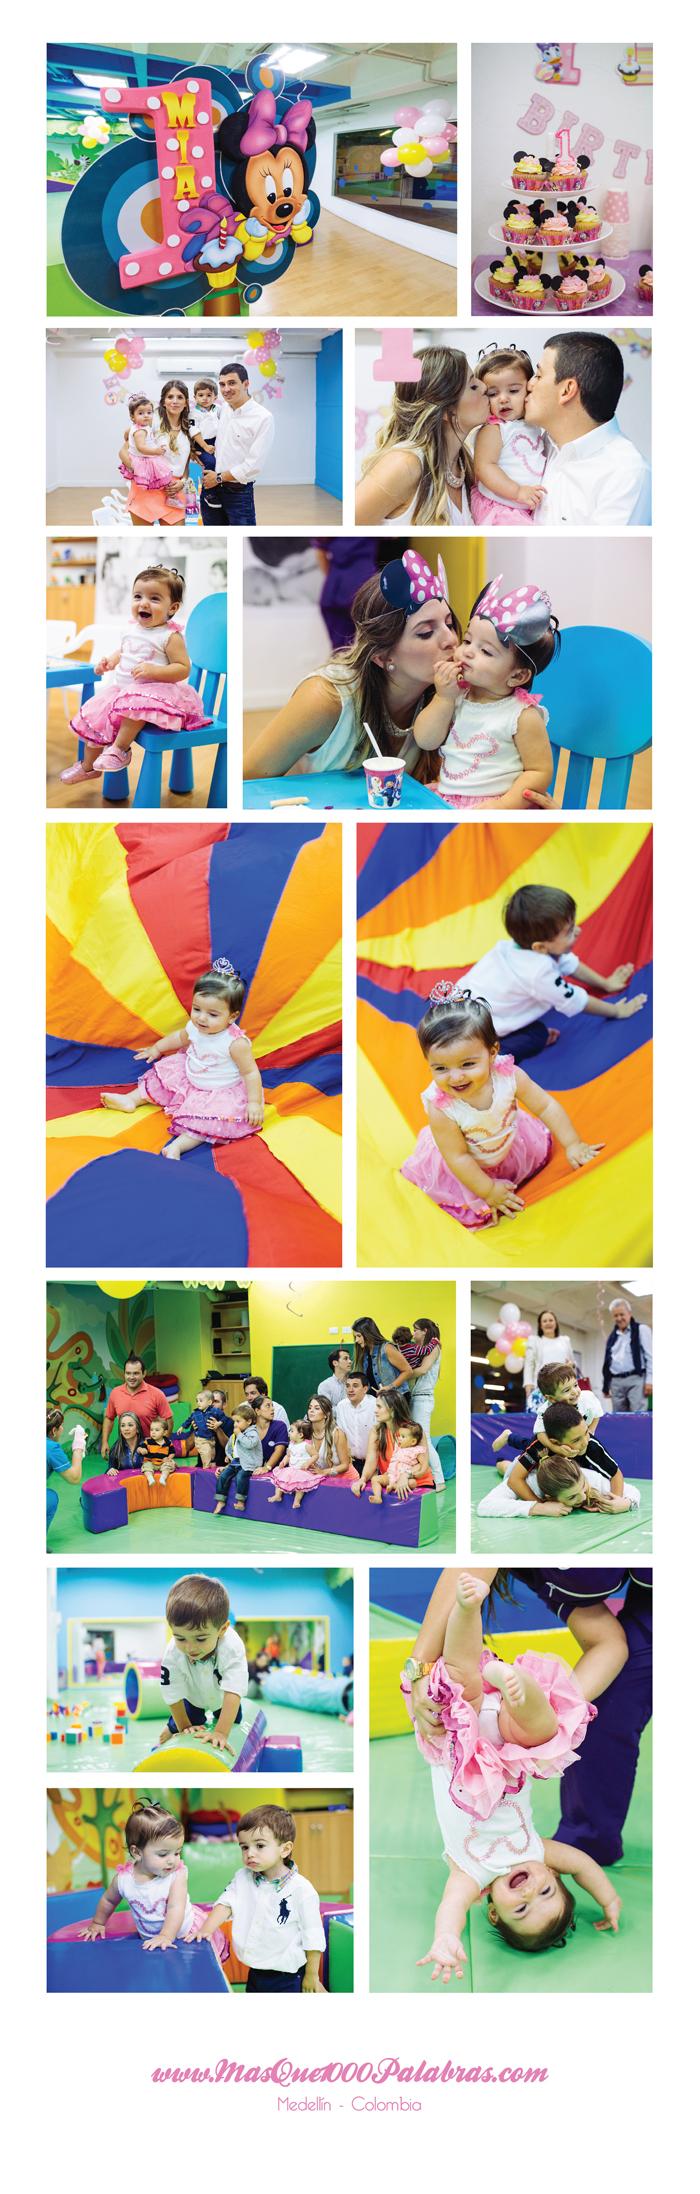 fotografos, infantil, medellin, masque1000palabras, niños, fiesta, celebración